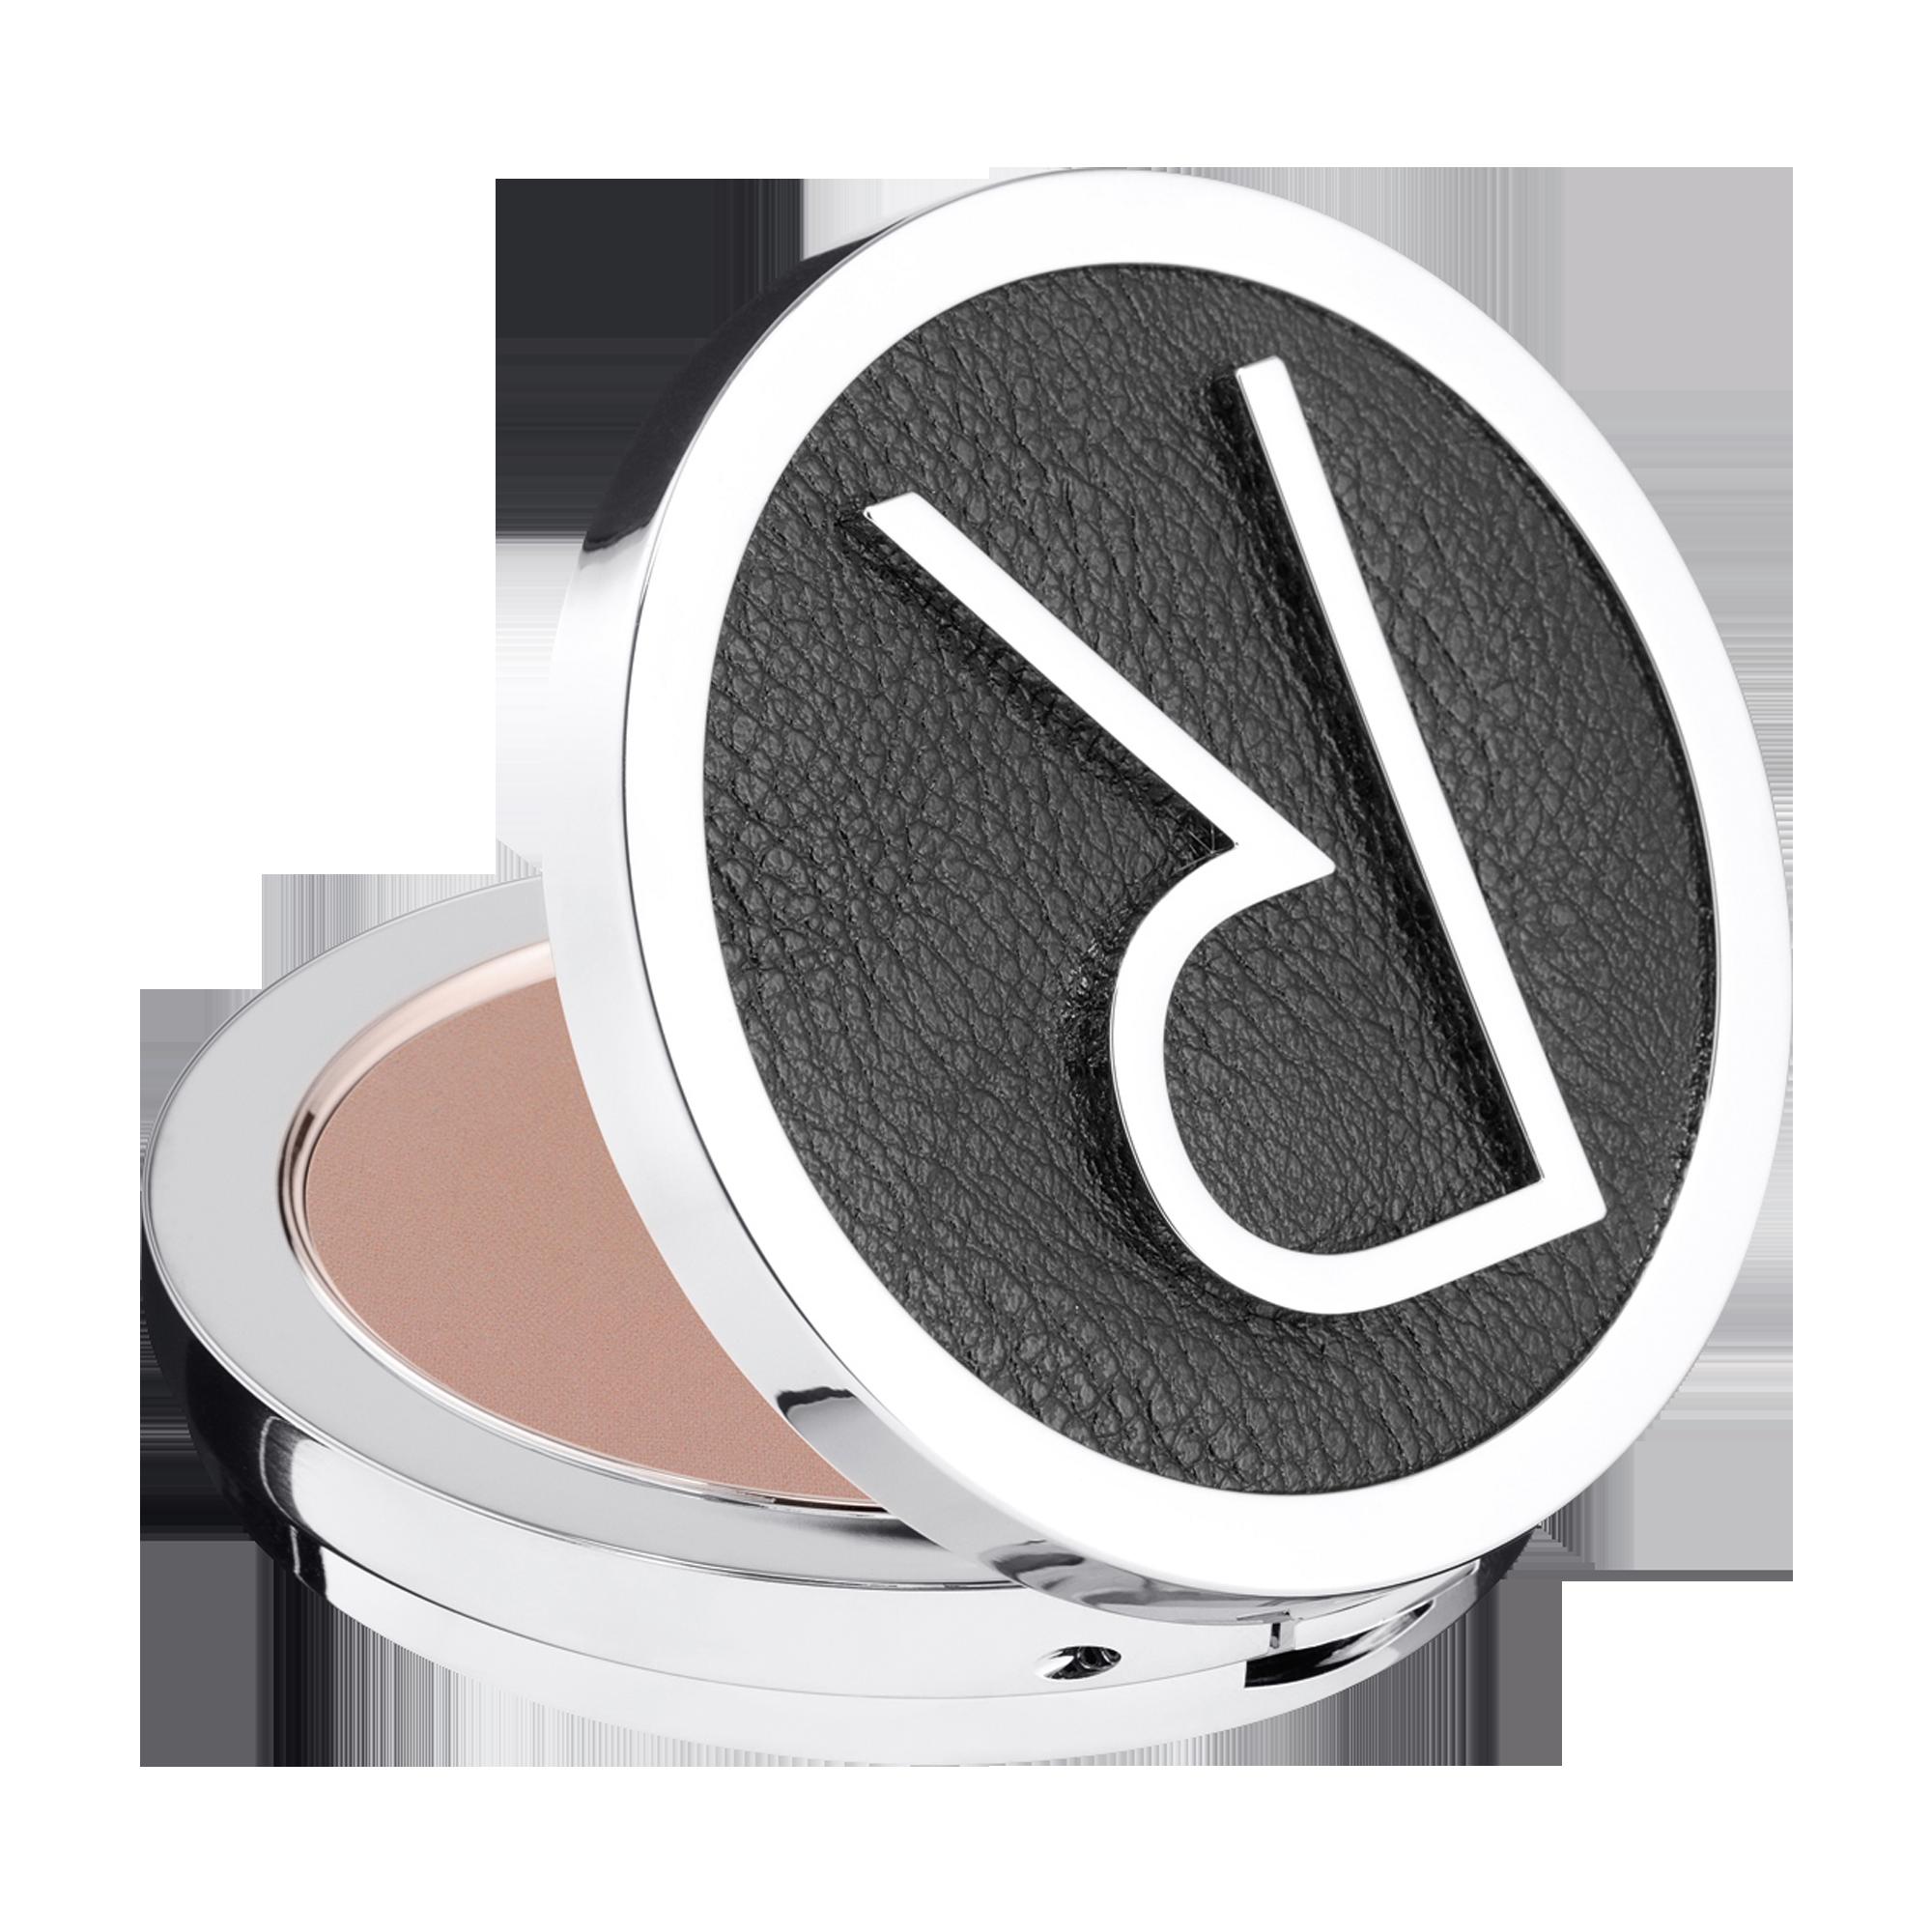 Instaglam Compact Deluxe Contour Powder Medium